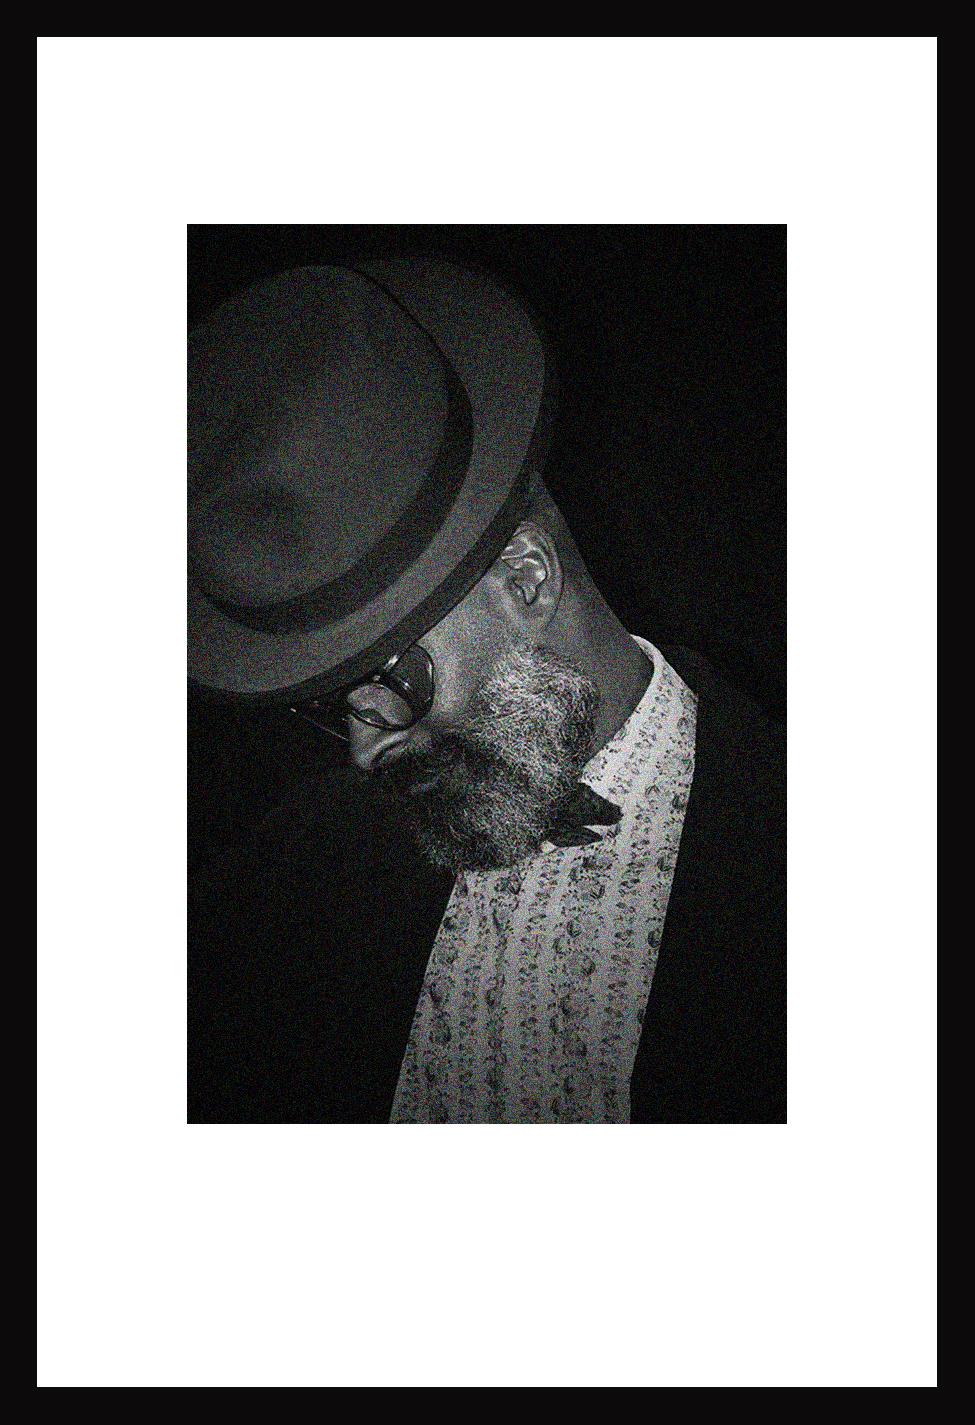 Tony_Ward_studio_portrait_Kevin_stewart_old_school_shirtmaker_men's_stylist